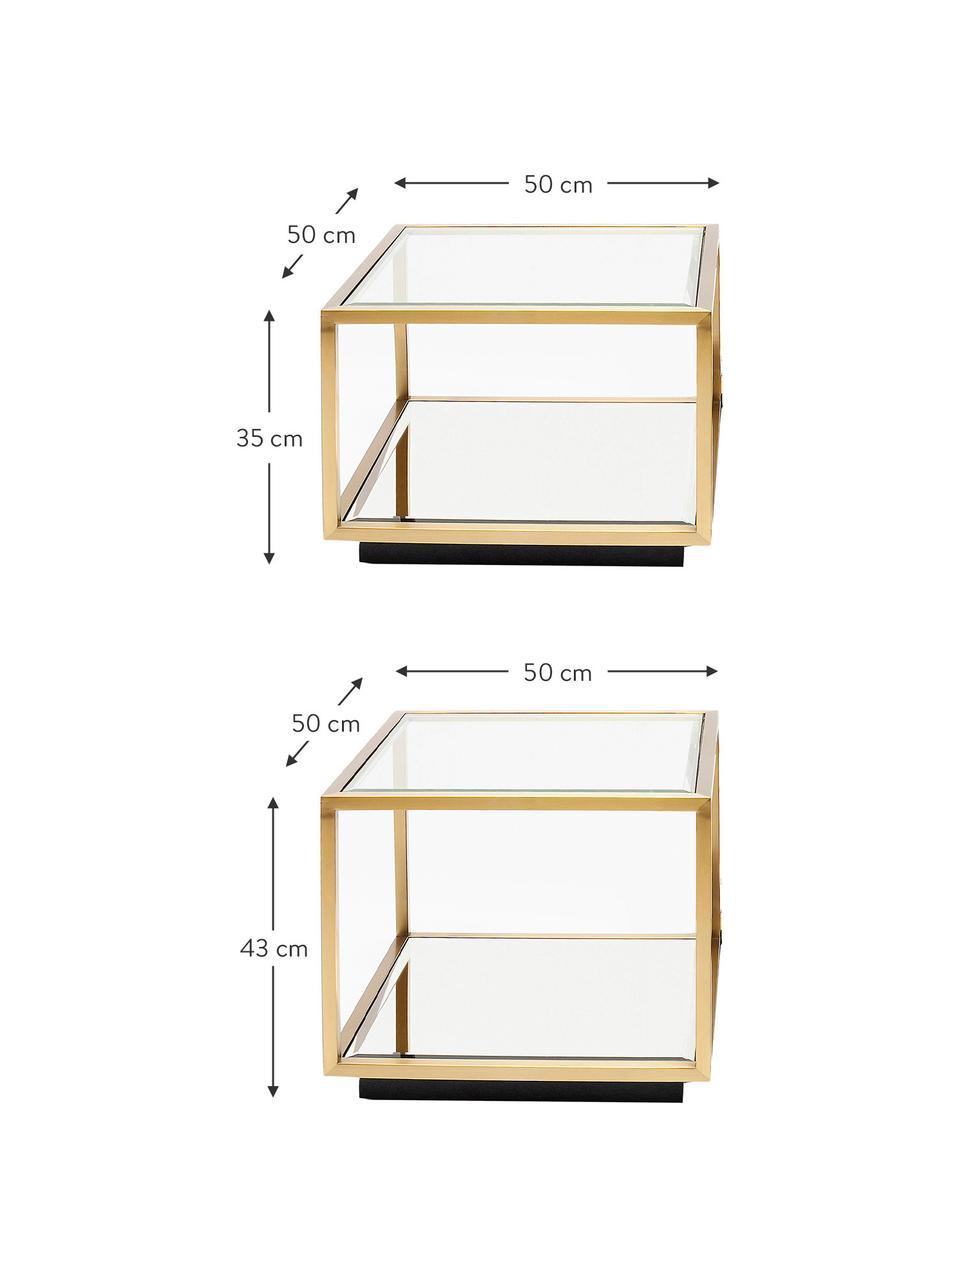 Couchtisch-Set Luigi mit Spiegel-Böden, 4-tlg., Gestell: Edelstahl, lackiert, Böden: Spiegelglas, Füße: Mitteldichte Faserplatte,, Goldfarben, Set mit verschiedenen Größen